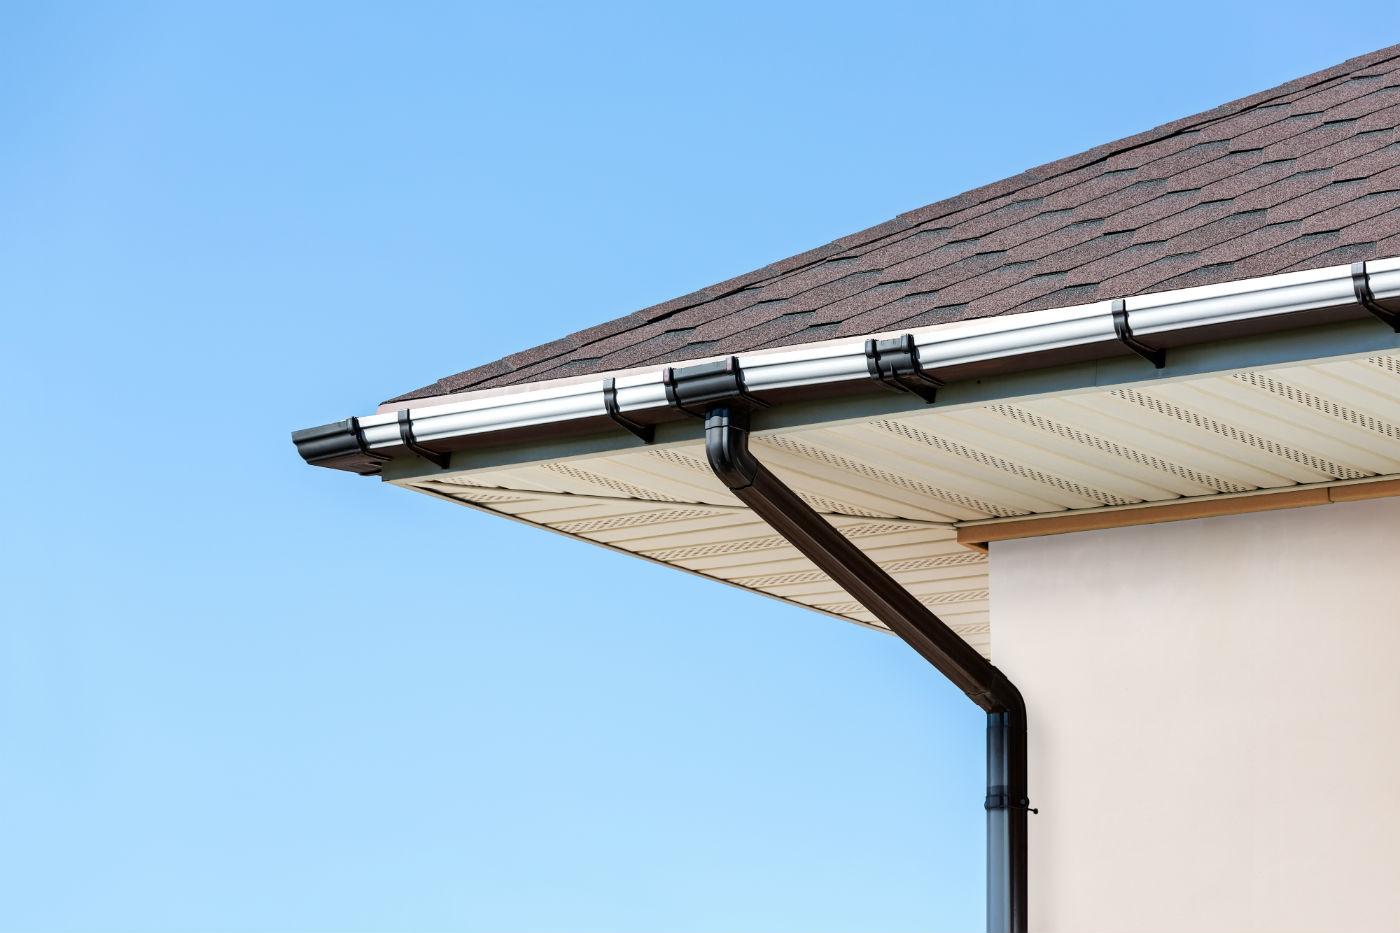 Oświetlenie W Podbitce Dachowej Praca Dekarza